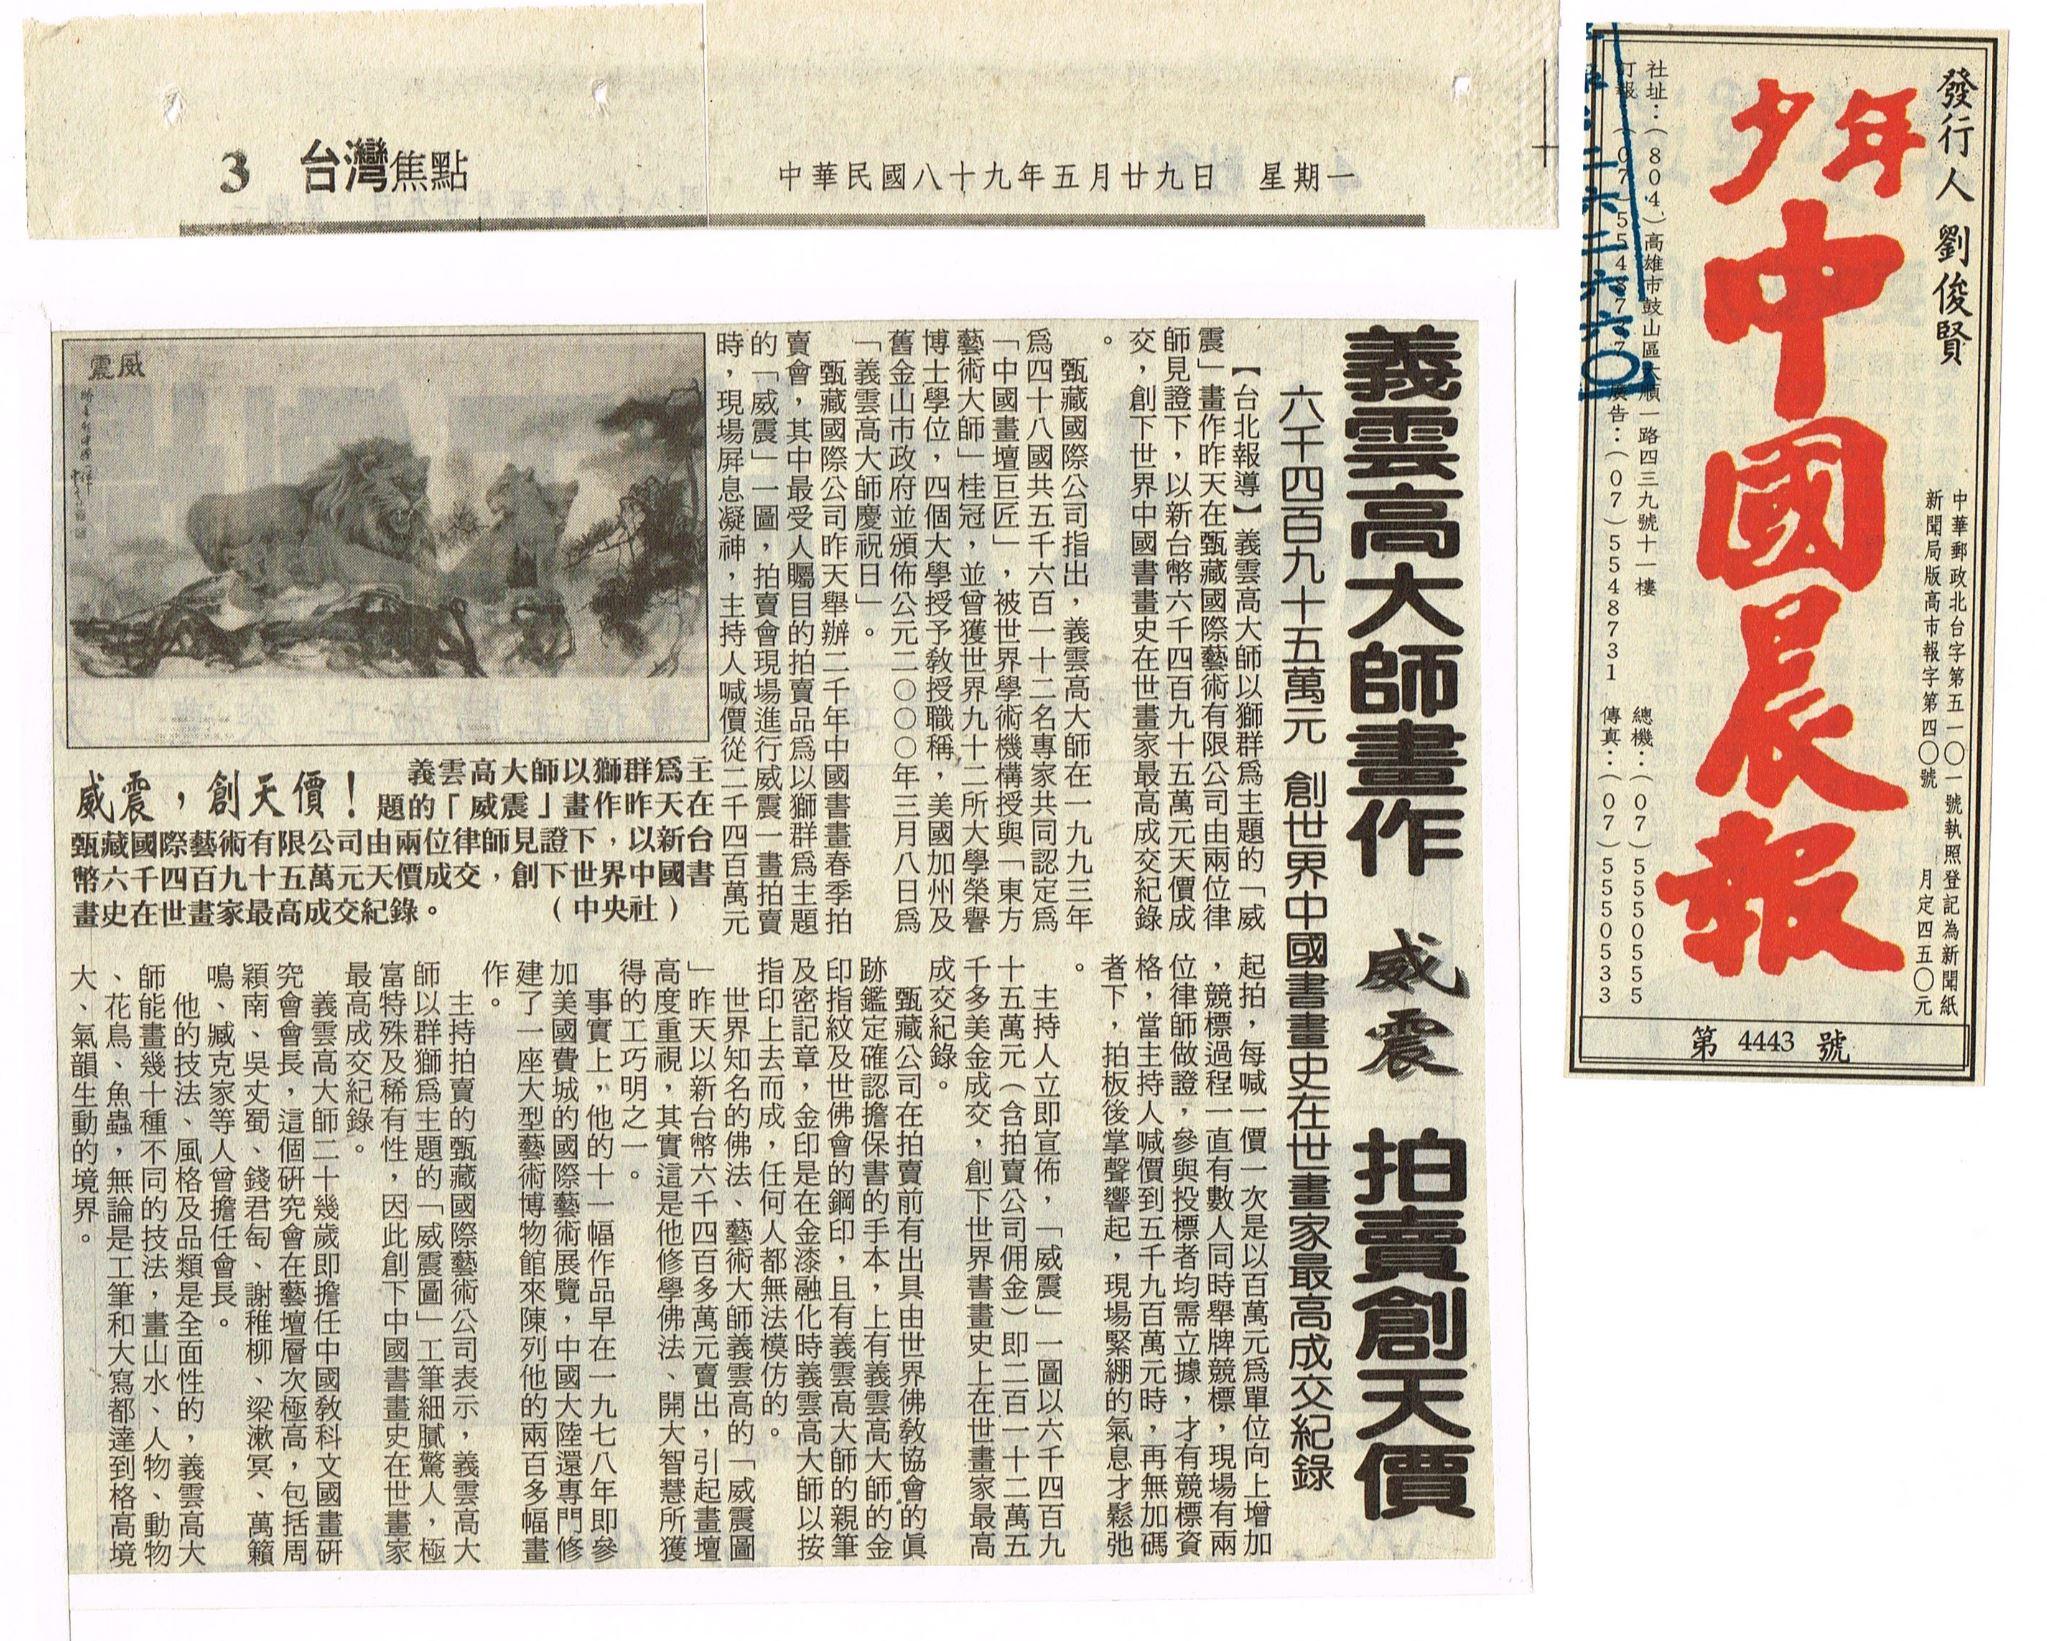 义云高大师( H.H.第三世多杰羌佛)画作威震拍卖创天价